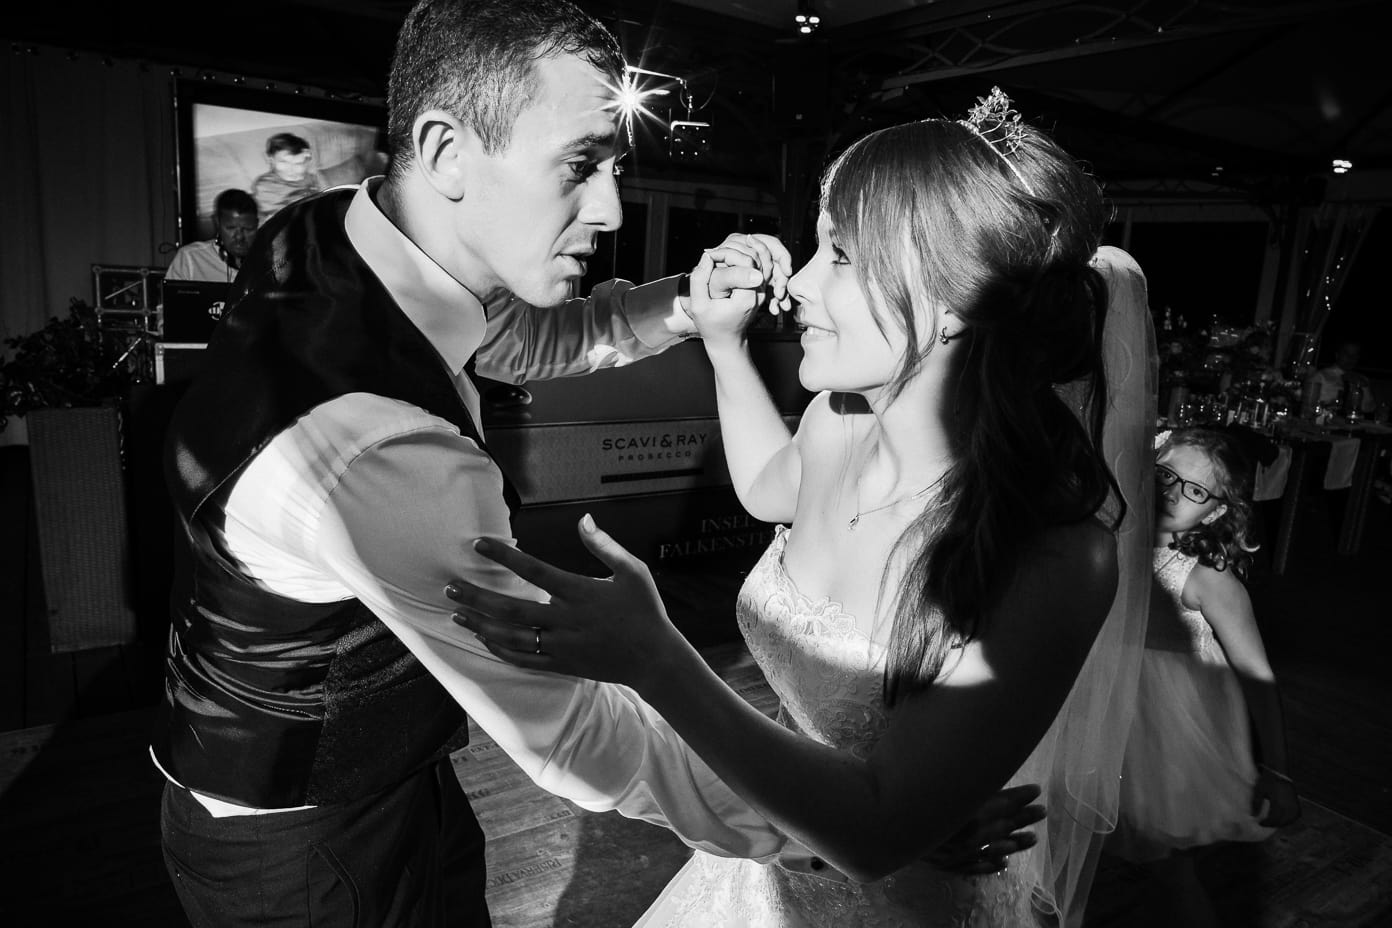 tanzendes Brautpaar in schwarz-weiss